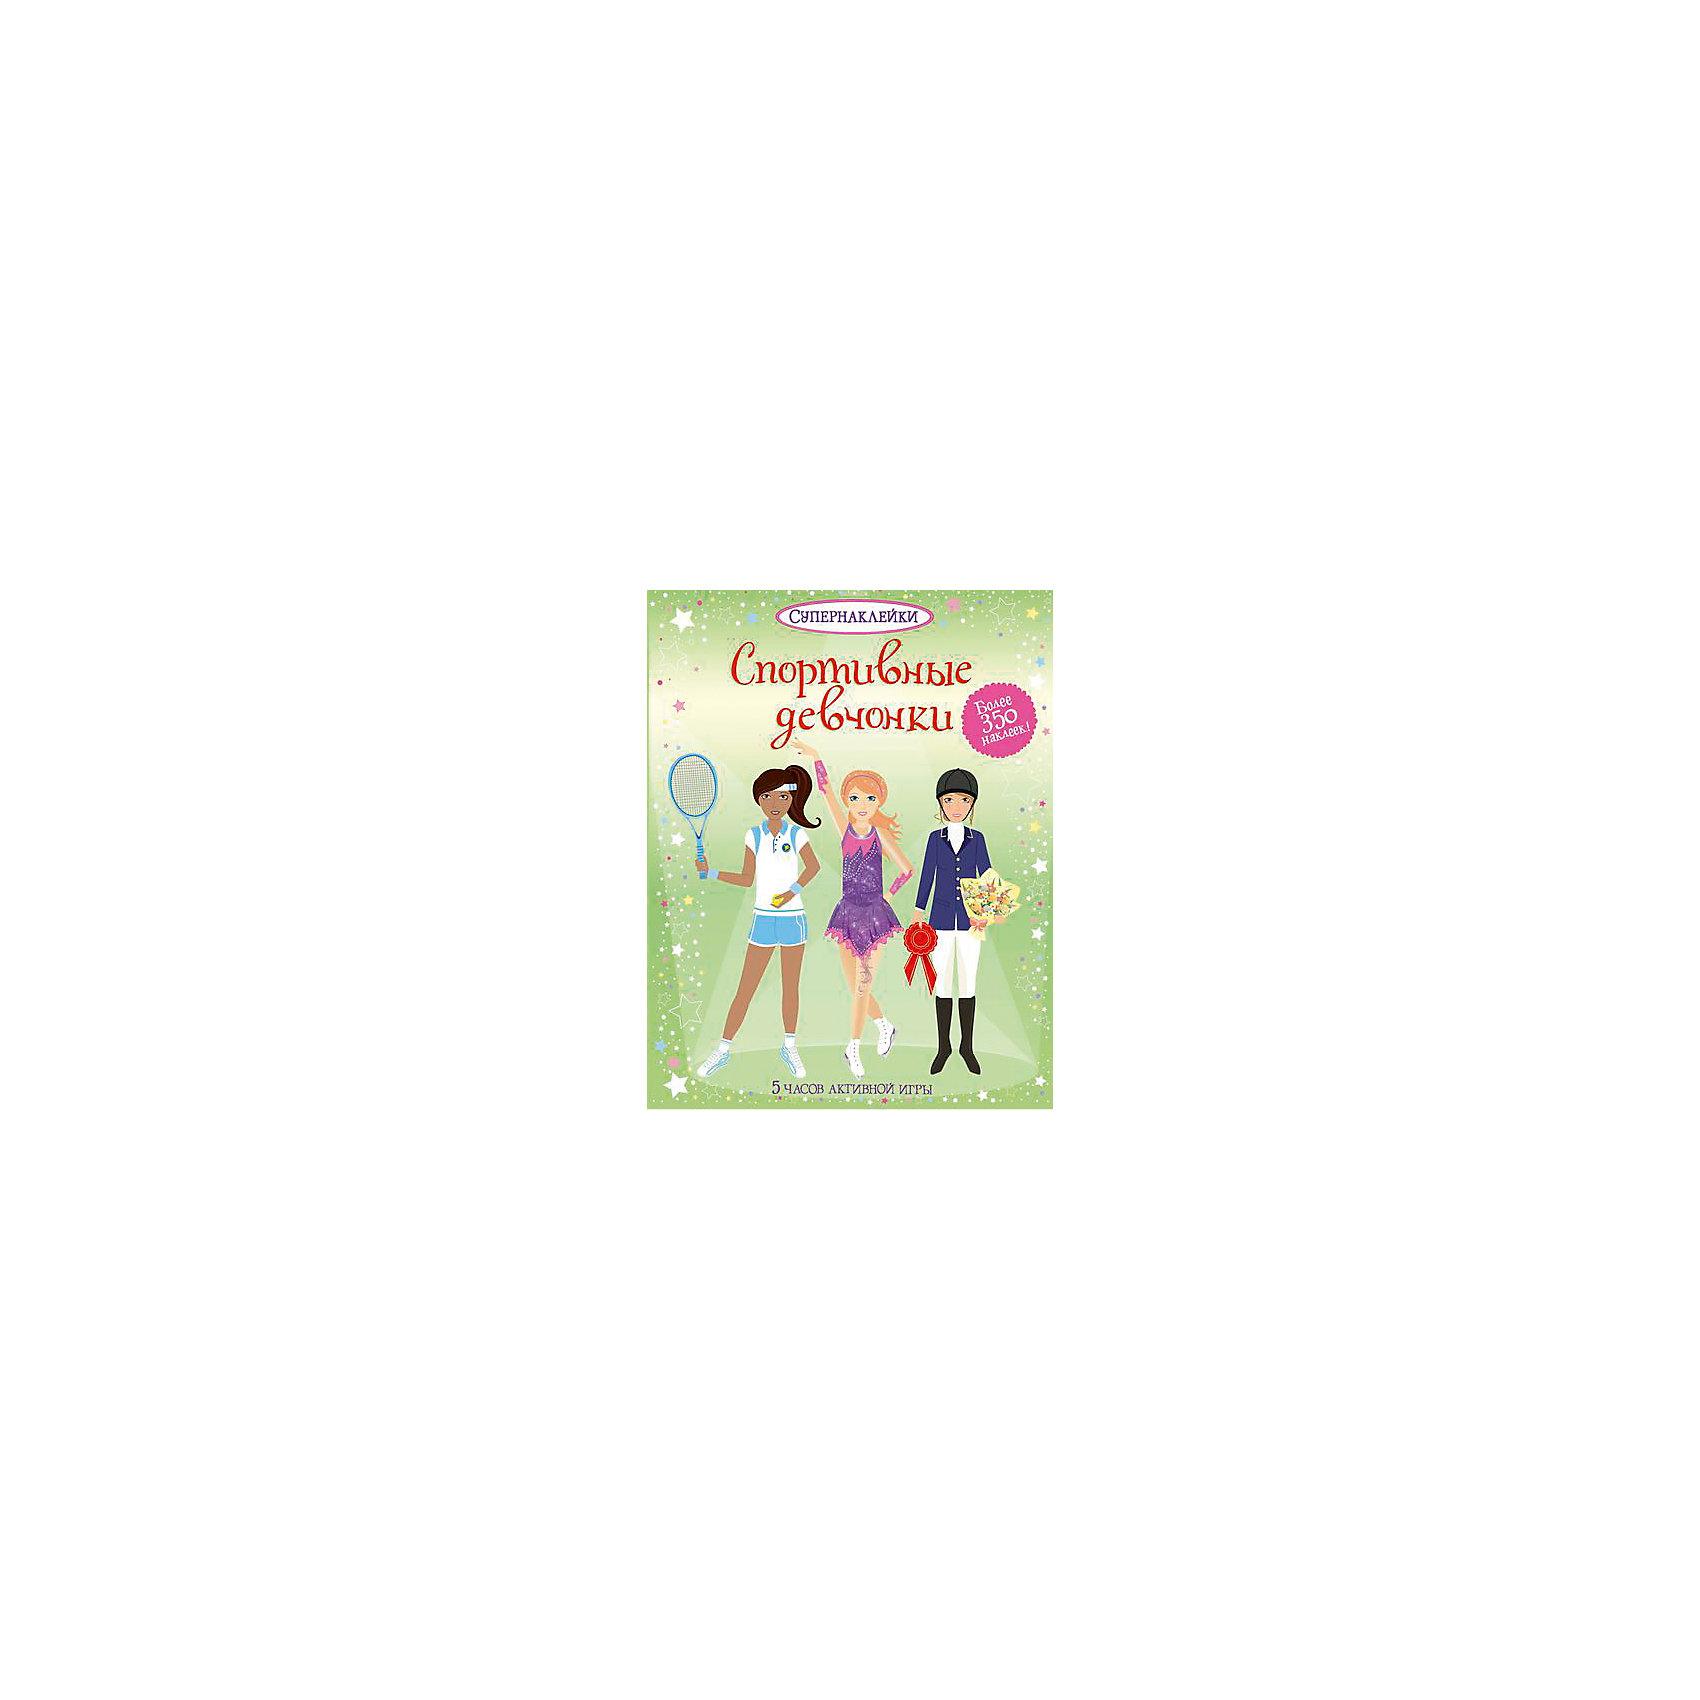 Спортивные девчонкиКнига может быть не только развлекательной, но и обучающей! На добрых историях и интересных книжках очень легко воспитывать детей. В них доступно объясняется - что хорошо, а что - плохо, даются понятия о базовых ценностях, дружбе, любви и порядочности.<br>Эта книга может стать отличным подарком ребенку. Это удобный формат, качественная бумага, прекрасные иллюстрации и захватывающие история о спортивных девочках. К книге прилагается набор наклеек, с помощью которых можно выполнять интересные задания. Издание поможет ребенку развить художественный вкус, навыки чтения, логику, внимательность и мелкую моторику. Книга произведена из качественных и безопасных для детей материалов.<br><br>Дополнительная информация:<br><br>страниц: 24;<br>наклейки - в наборе;<br>формат: 30 х 24 см.<br><br>Книгу Спортивные девчонки можно купить в нашем магазине.<br><br>Ширина мм: 305<br>Глубина мм: 240<br>Высота мм: 4<br>Вес г: 301<br>Возраст от месяцев: 60<br>Возраст до месяцев: 120<br>Пол: Женский<br>Возраст: Детский<br>SKU: 4975137